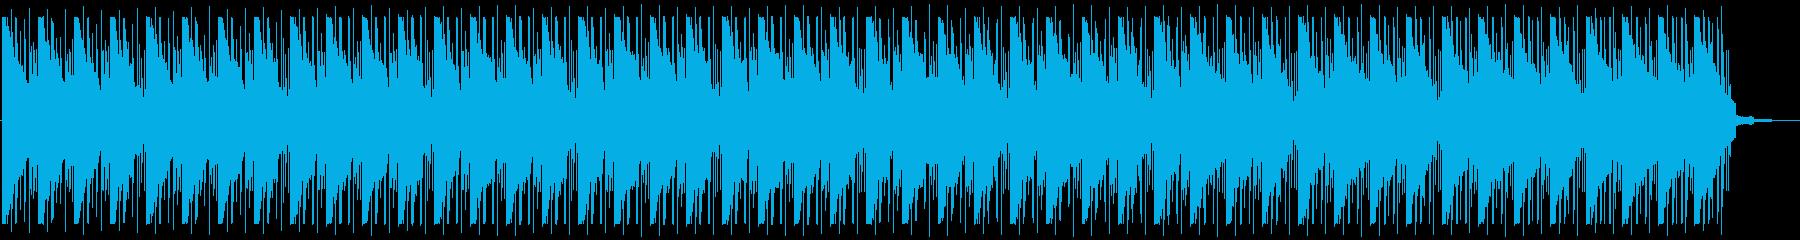 おしゃれ・温かい・睡眠・ピアノチルアウトの再生済みの波形